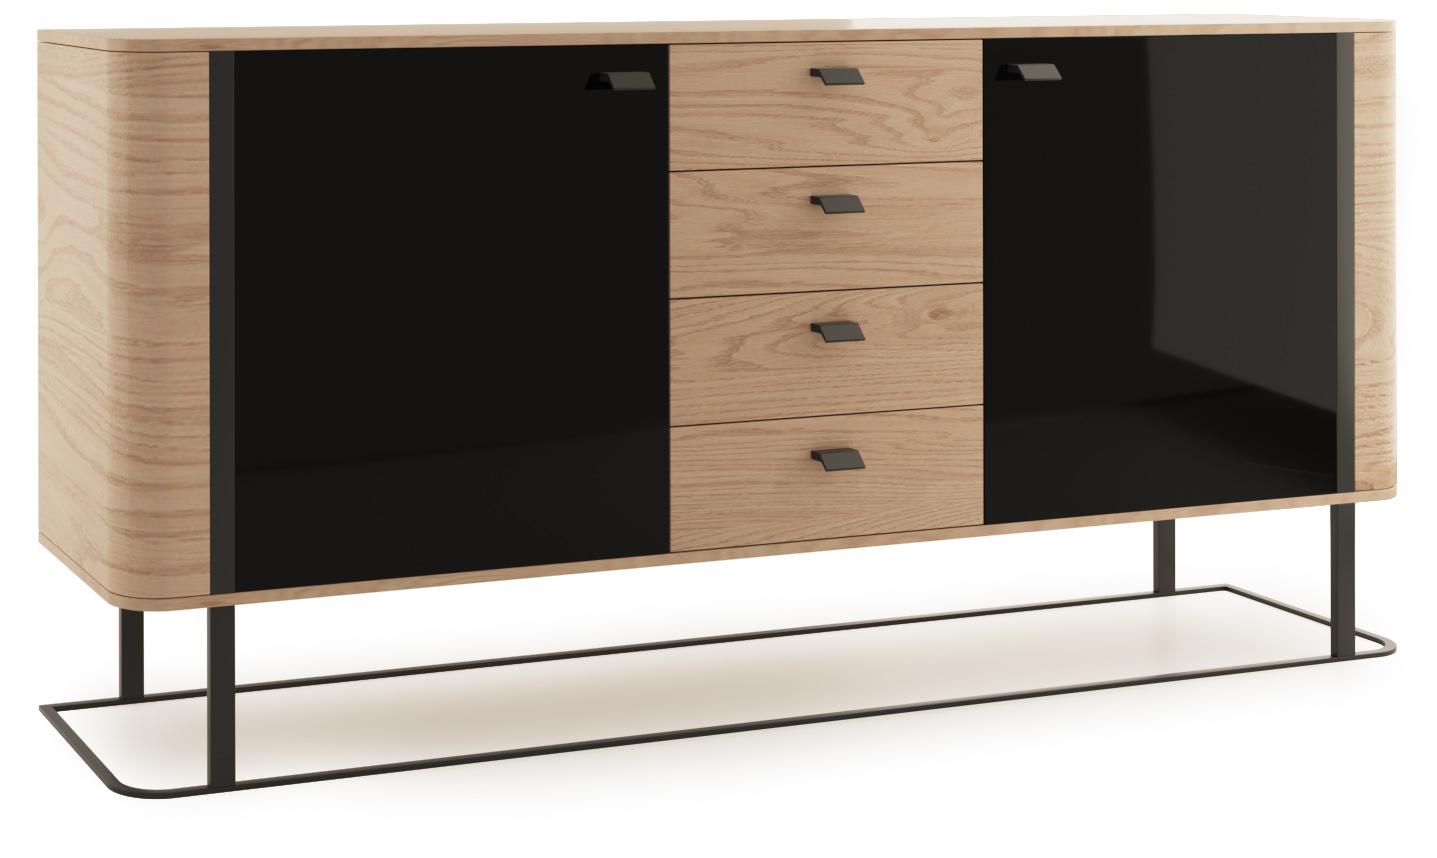 Jetzt Preisgünstige Sideboards Kommoden Online Kaufen Jvmoebel